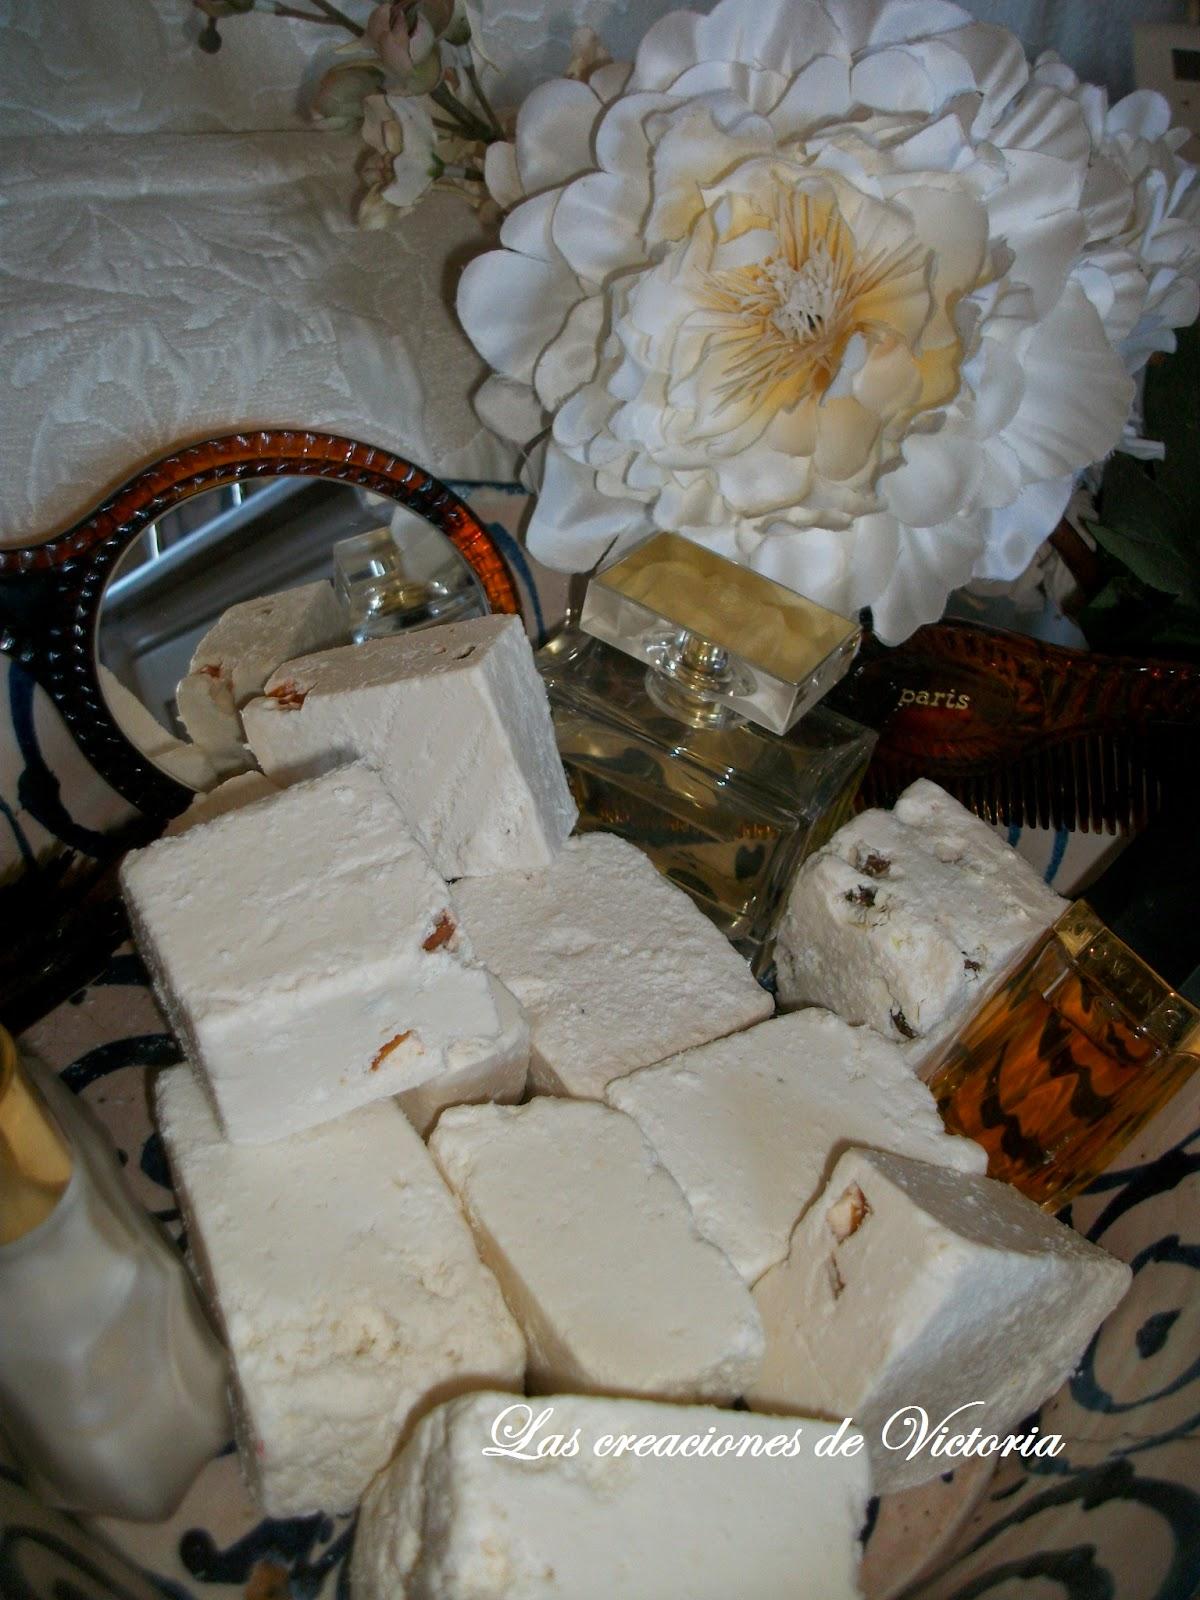 Las creaciones de Victoria.Reciclar.Reutilizar.Jabón casero con aceite usado.